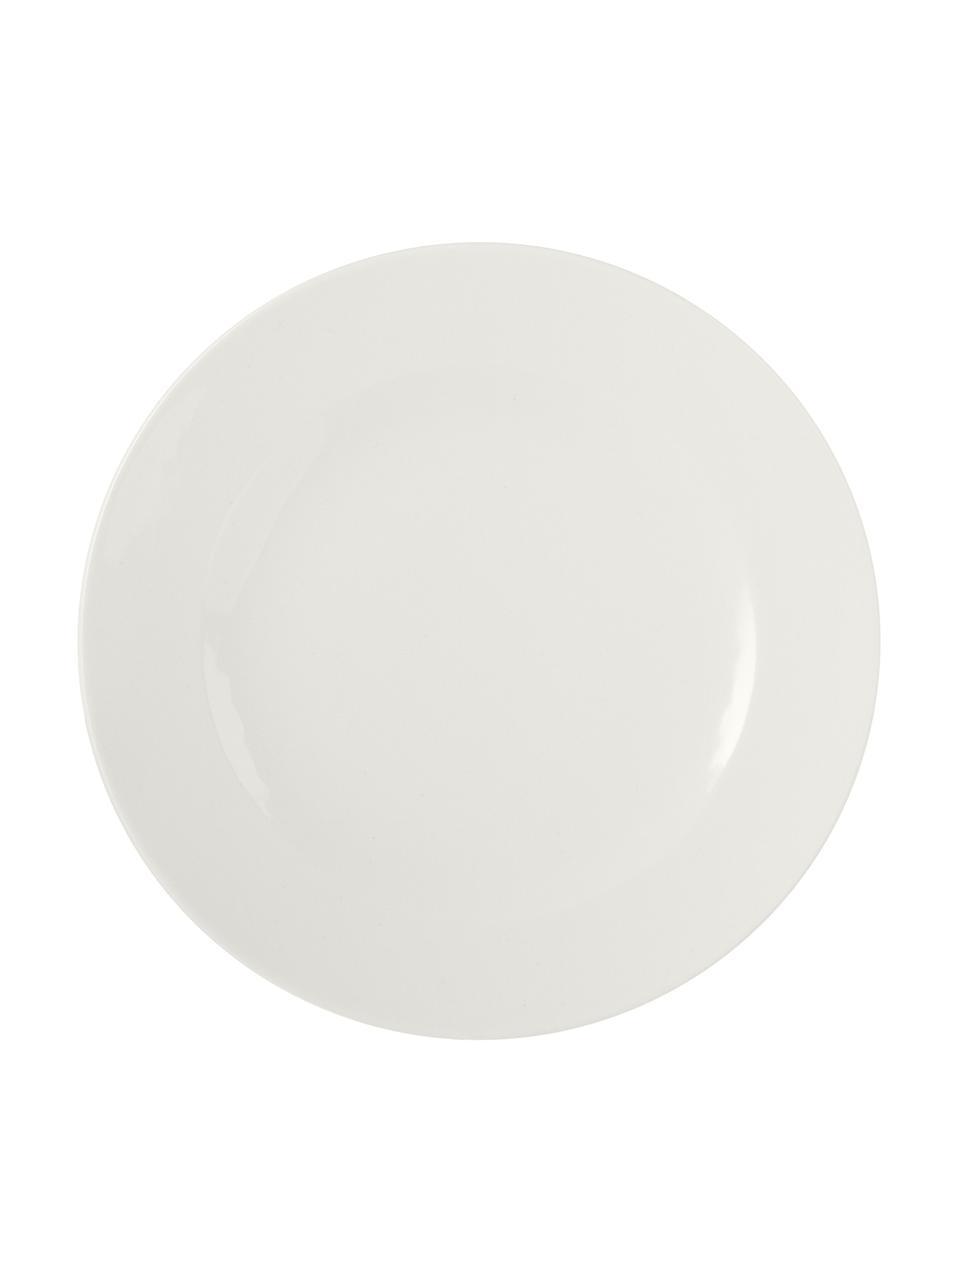 Serviesset For Me van porselein, 4 personen (16-delig), Porselein, Wit, Set met verschillende formaten